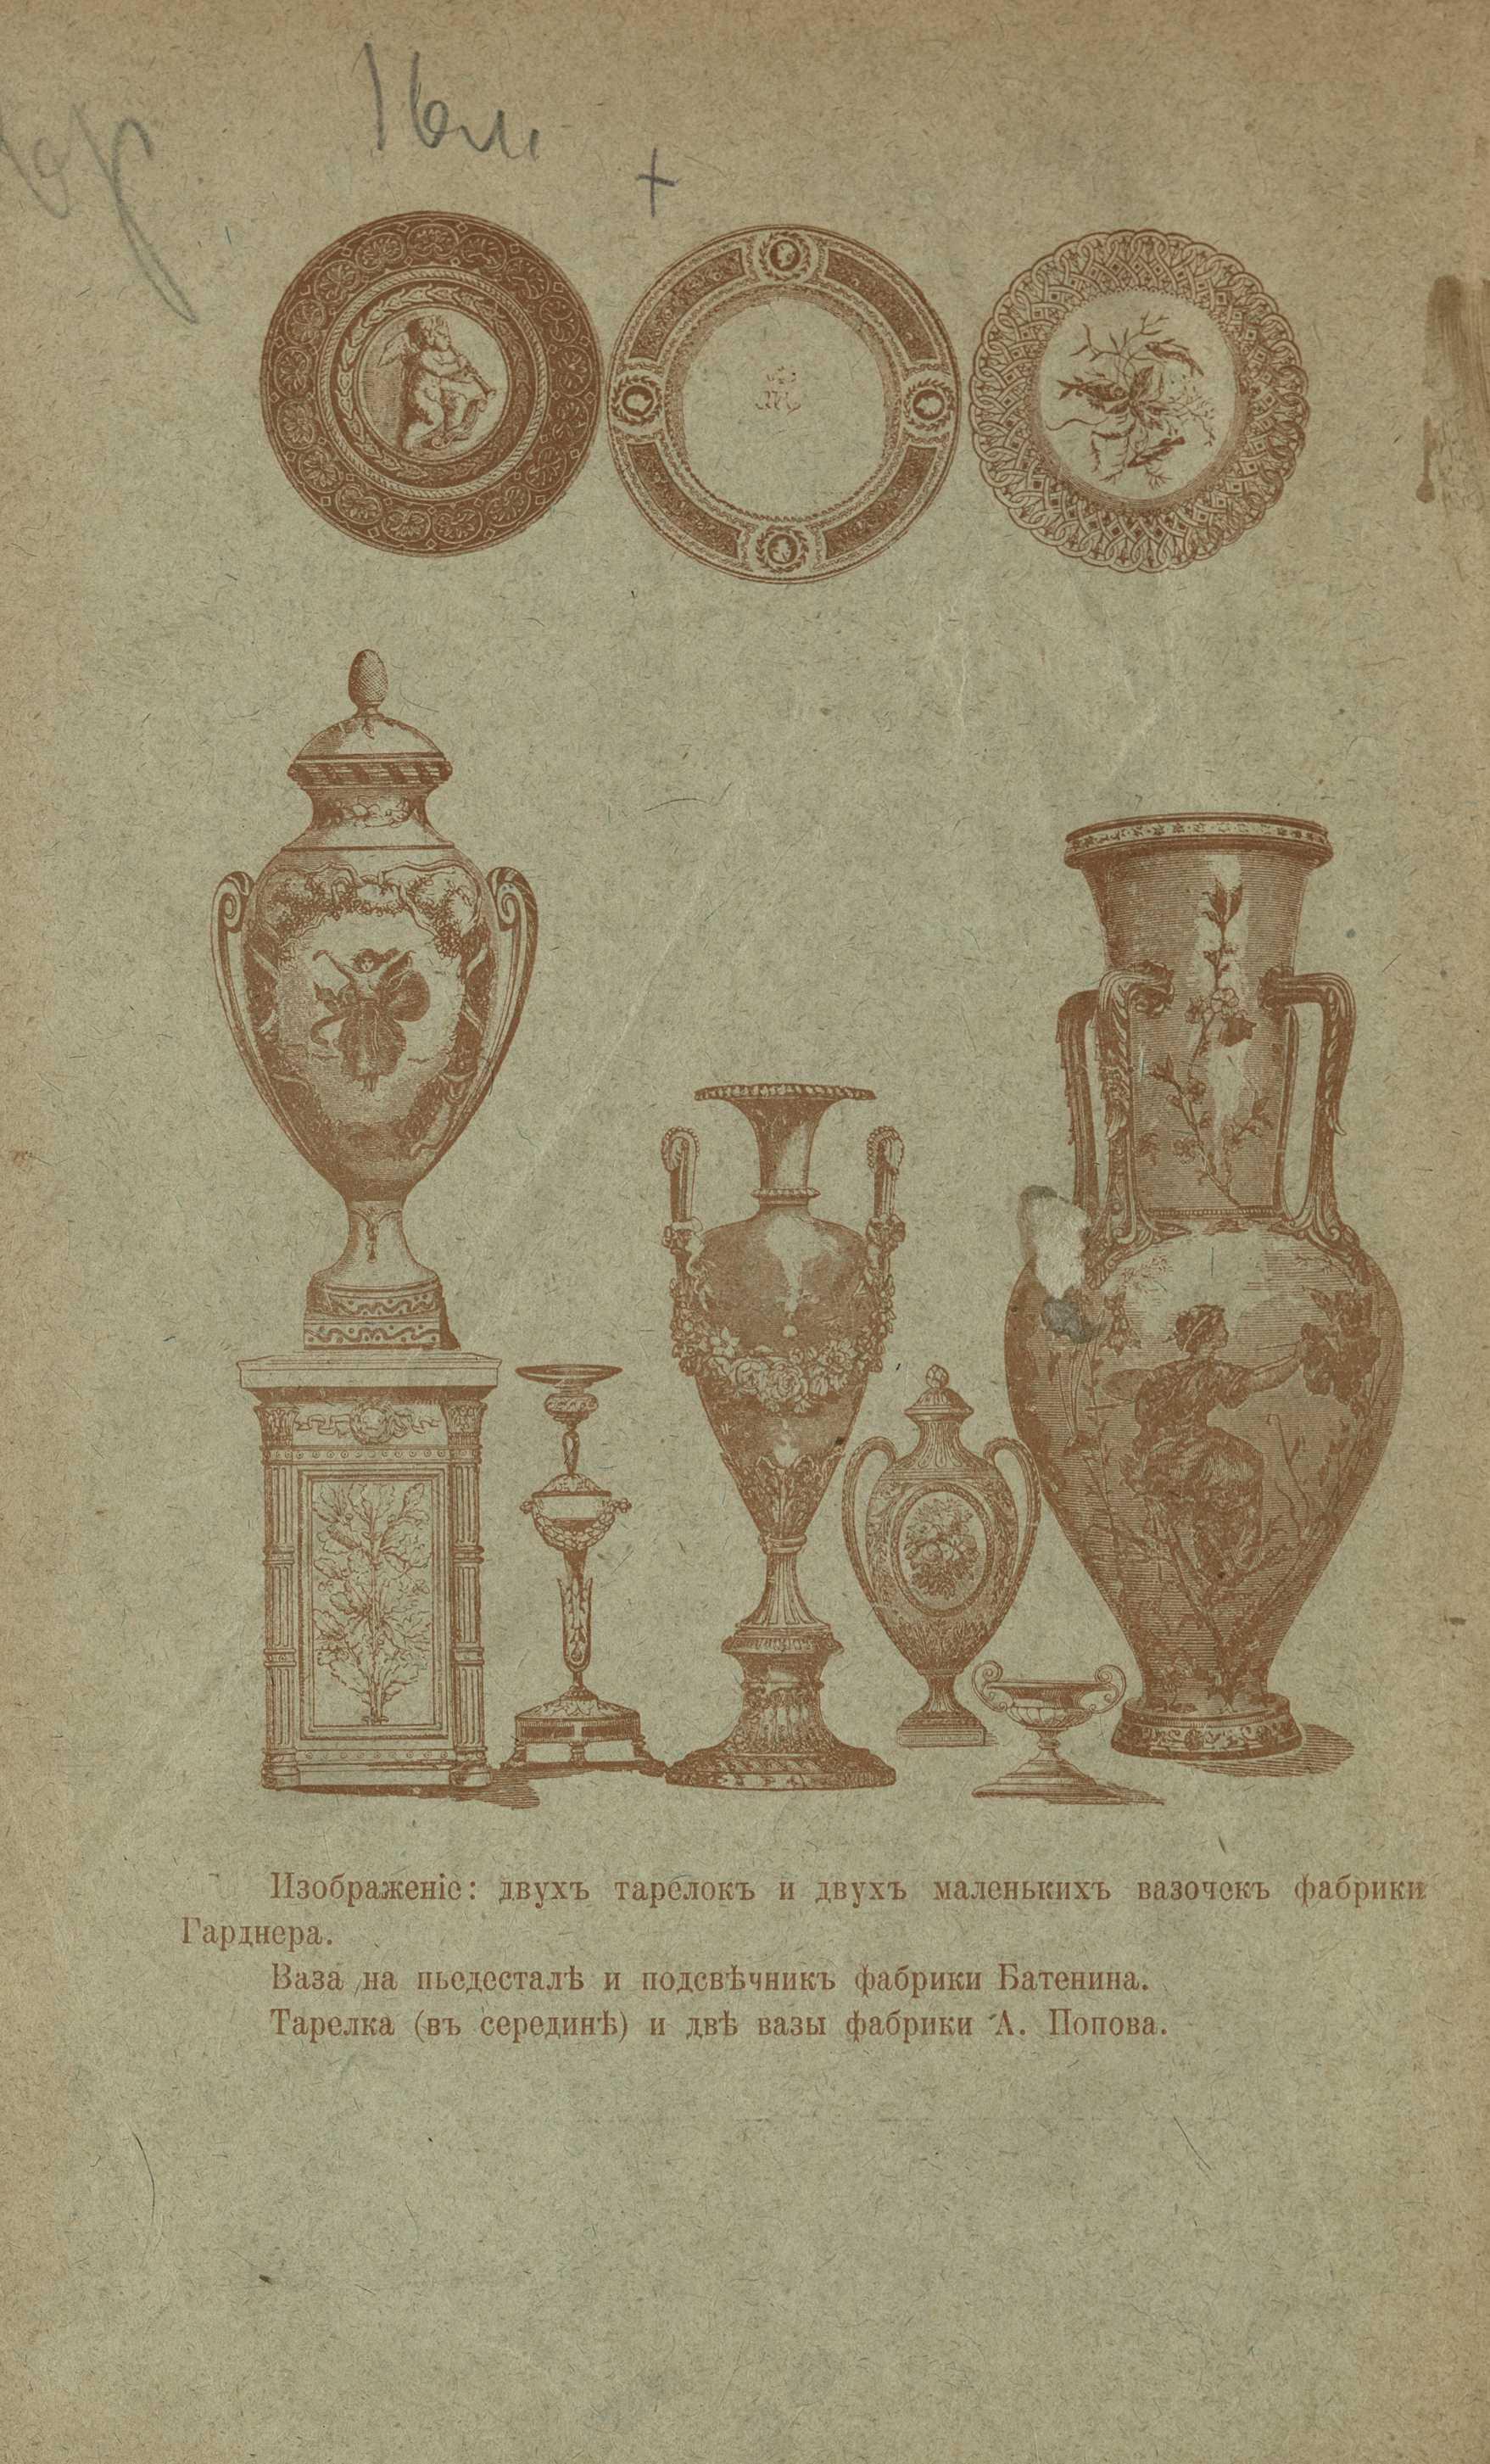 petrov-metki-farfora-faiansa-maioliki-1904-258.jpg